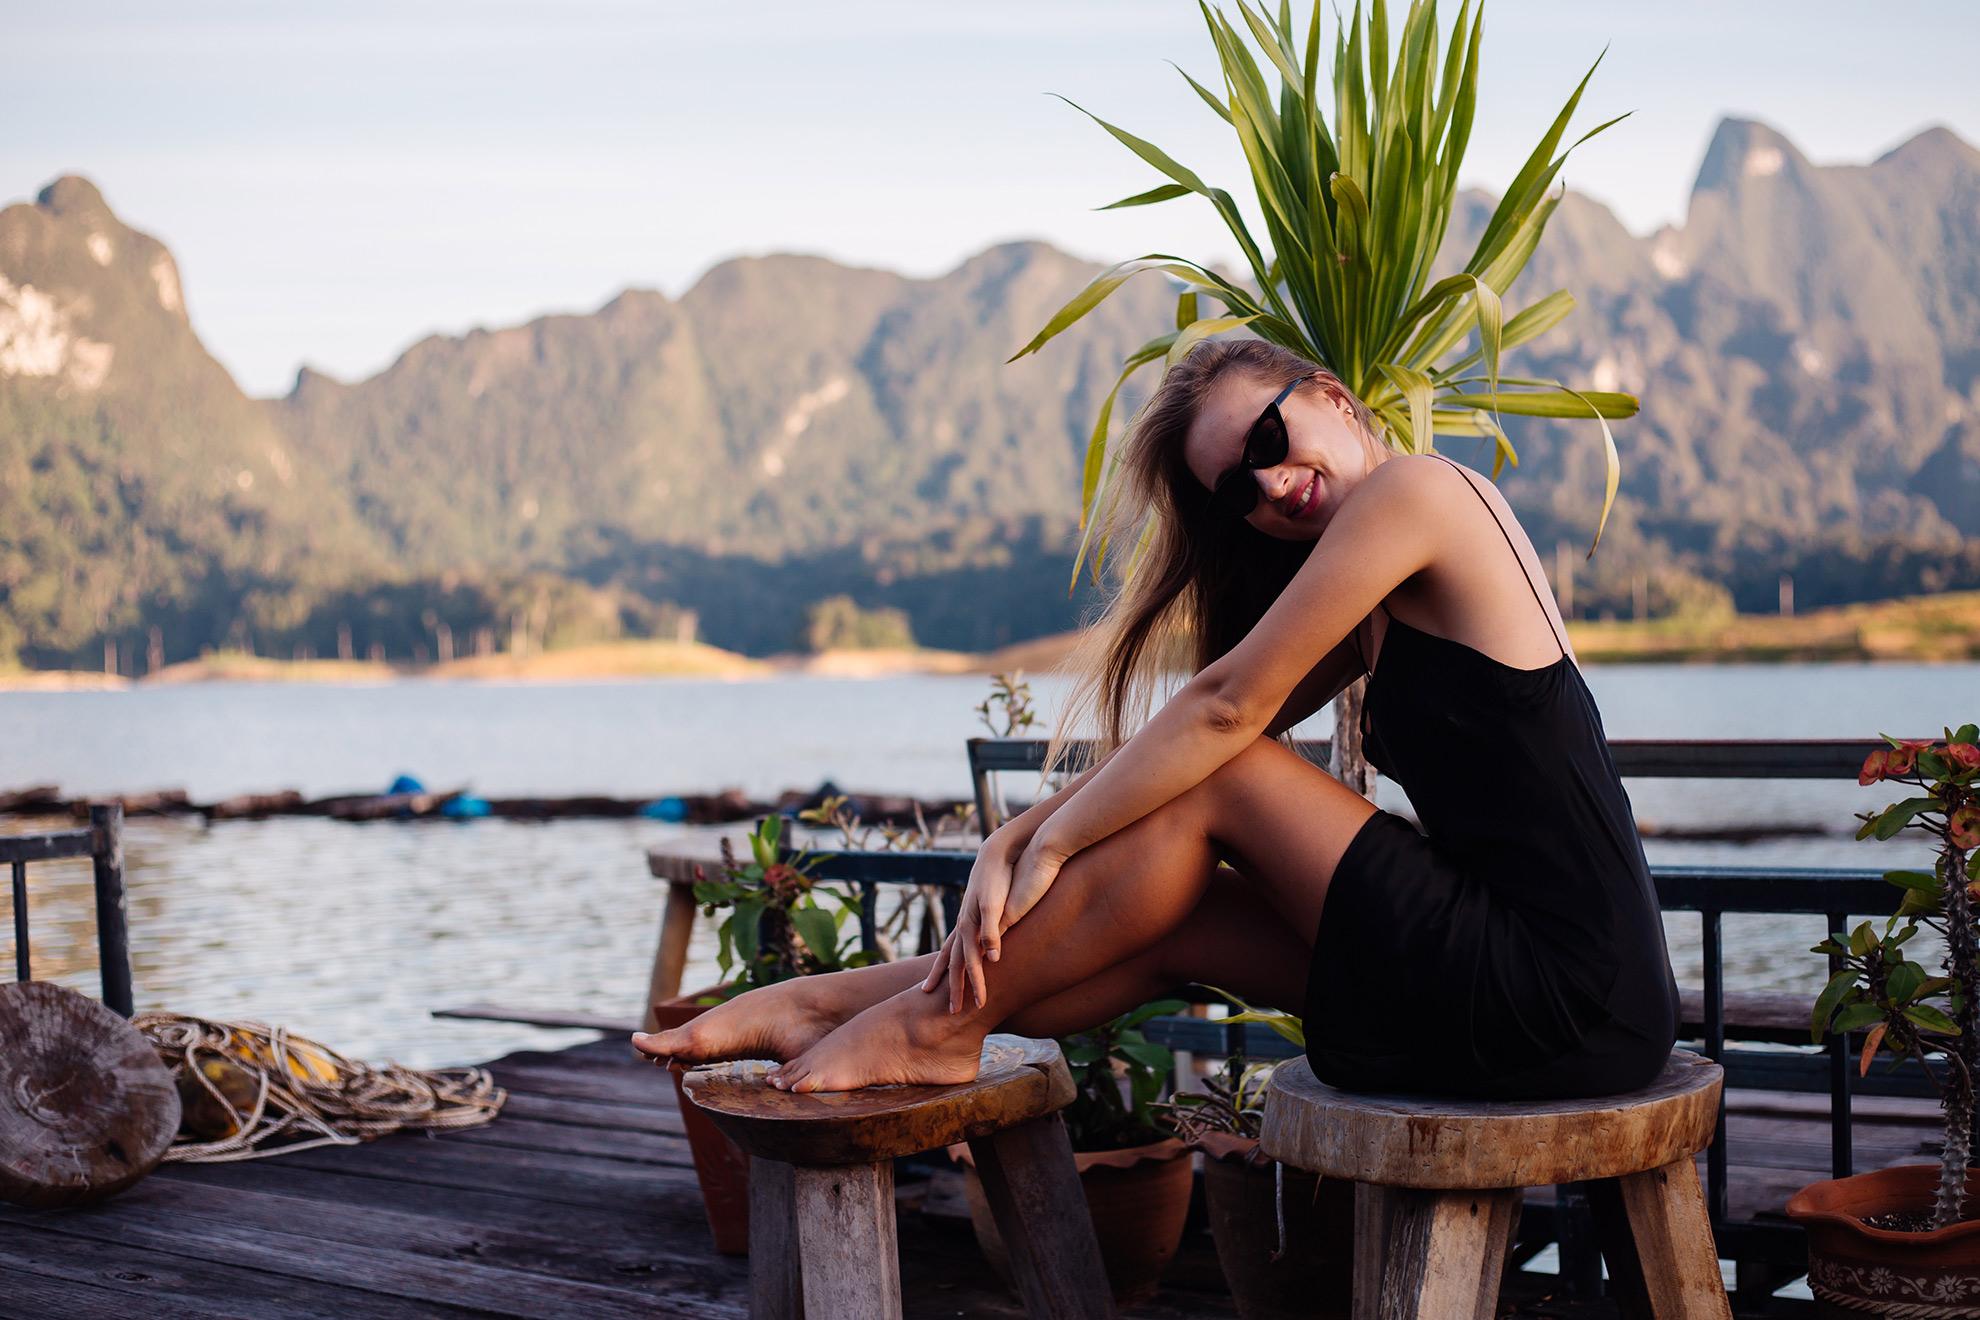 Kobieta w krótkiej sukience bez butów, ilustracja do artykułu jakie buty wybrać do krótkiej sukienki